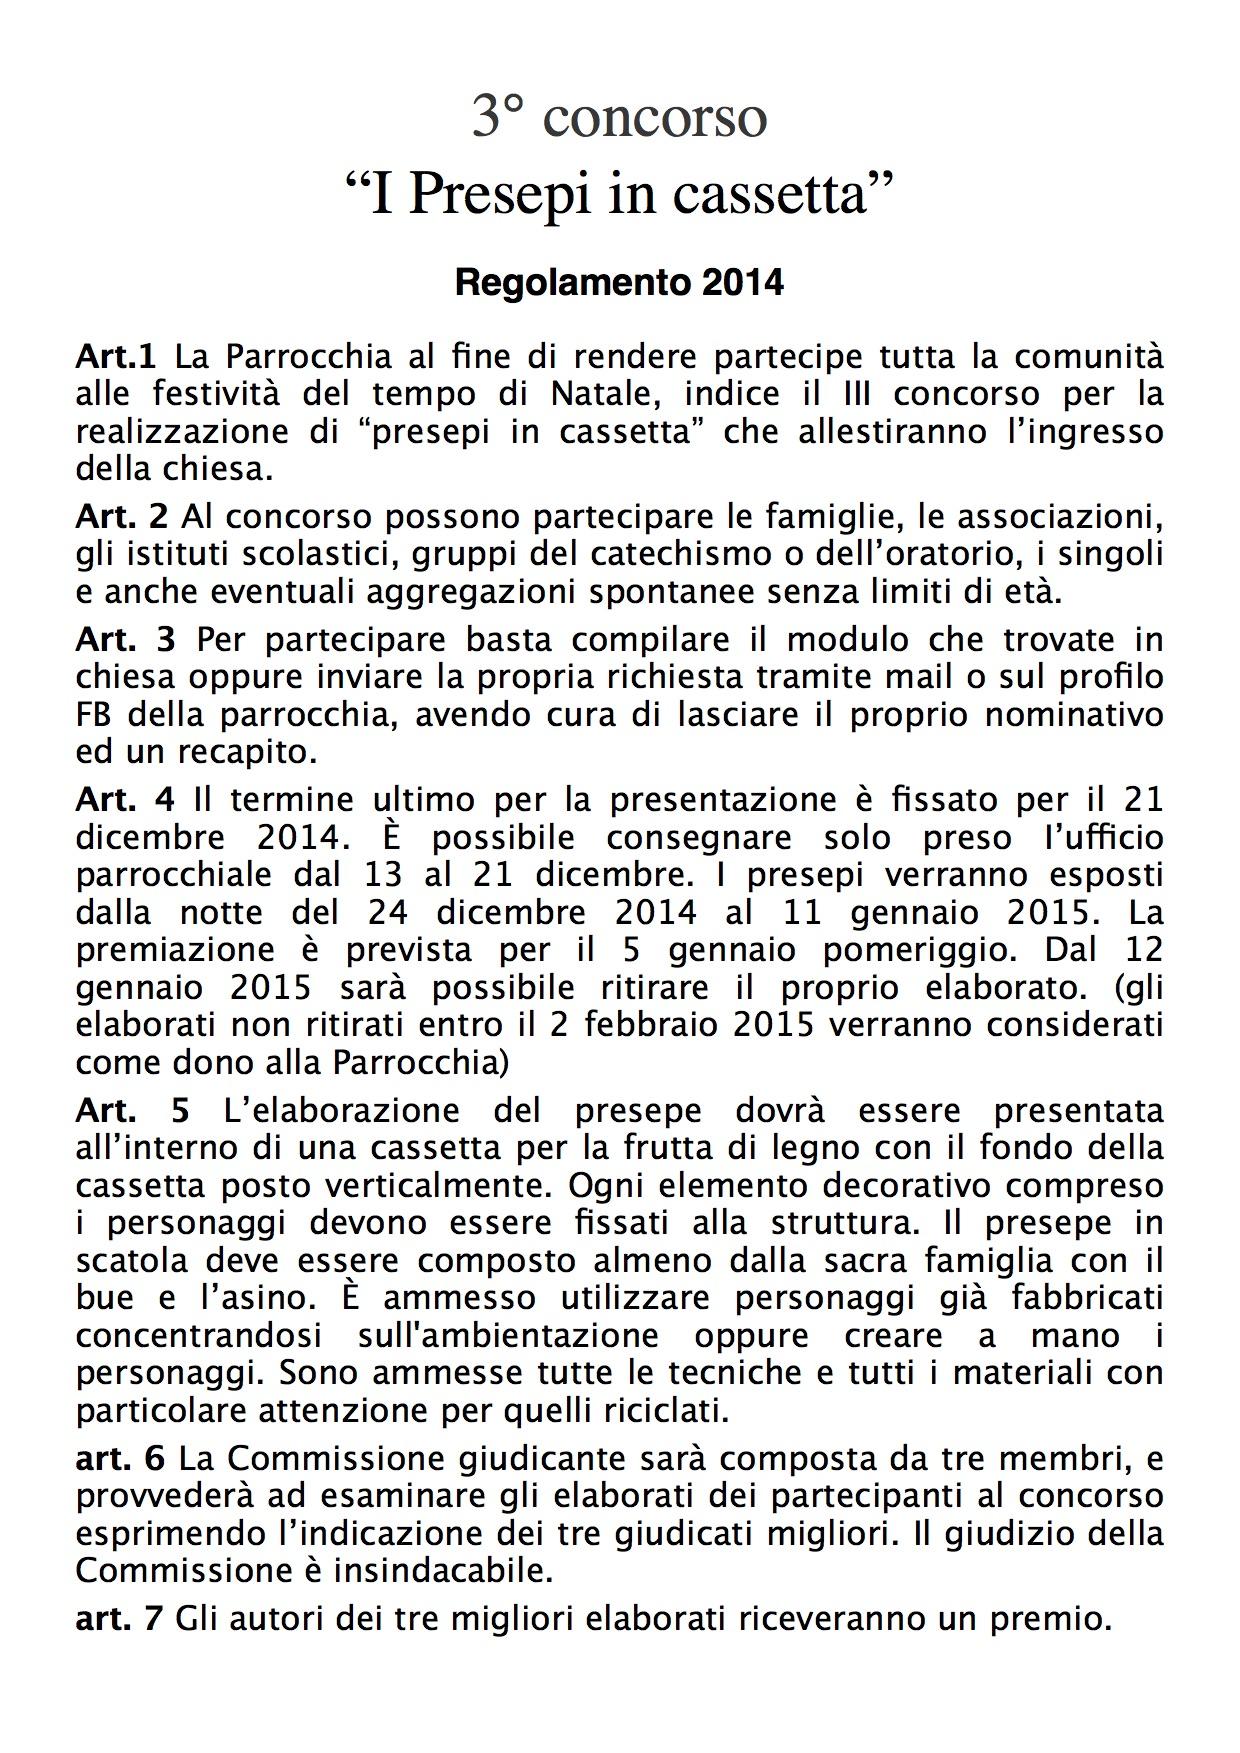 retro-presepi2014